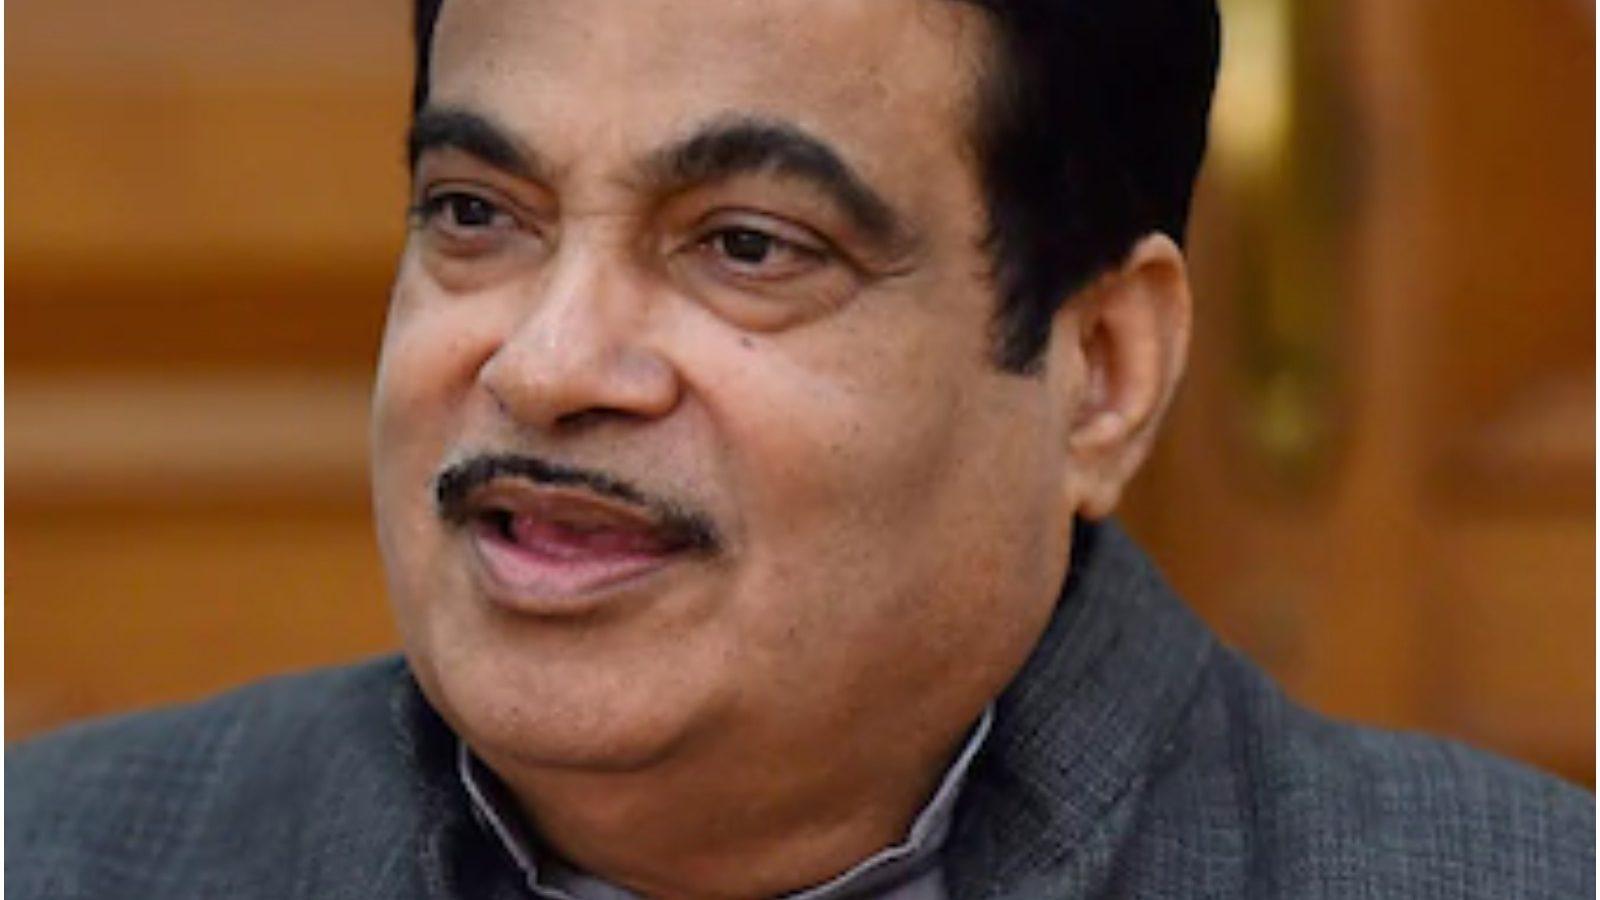 MP: नितिन गडकरी का एक्सप्रेस-वे के बाद एक और बड़ा तोहफा, अब भोपाल, इंदौर, जबलपुर, ग्वालियर में बनेंगे रिंग रोड